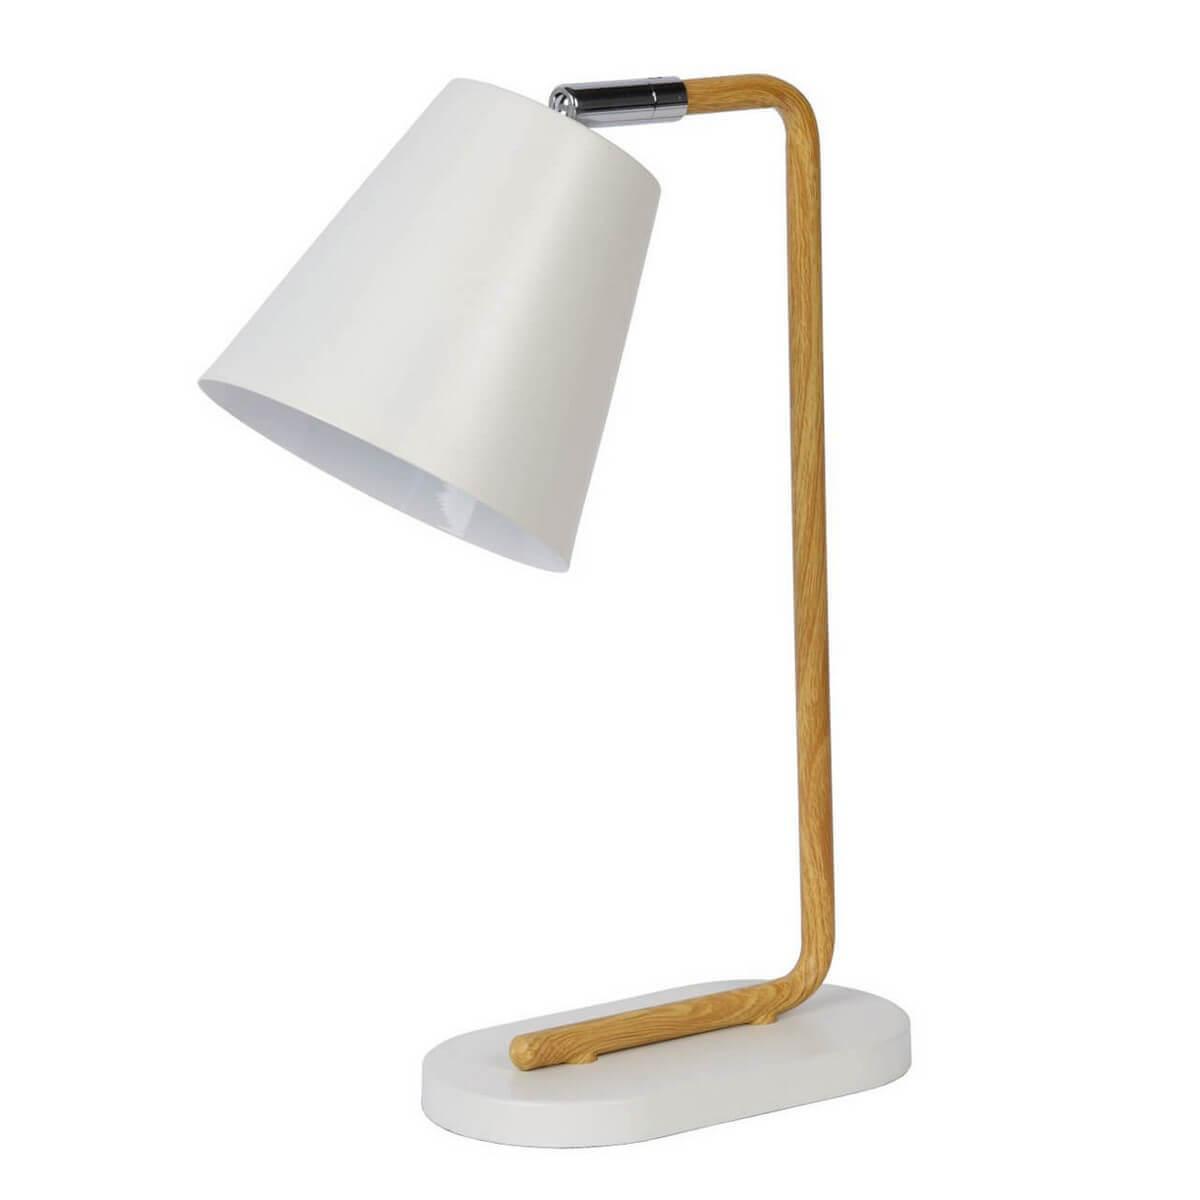 Настольная лампа Lucide 71645/01/31 Cona lucide настольная лампа lucide ferova 30577 01 19